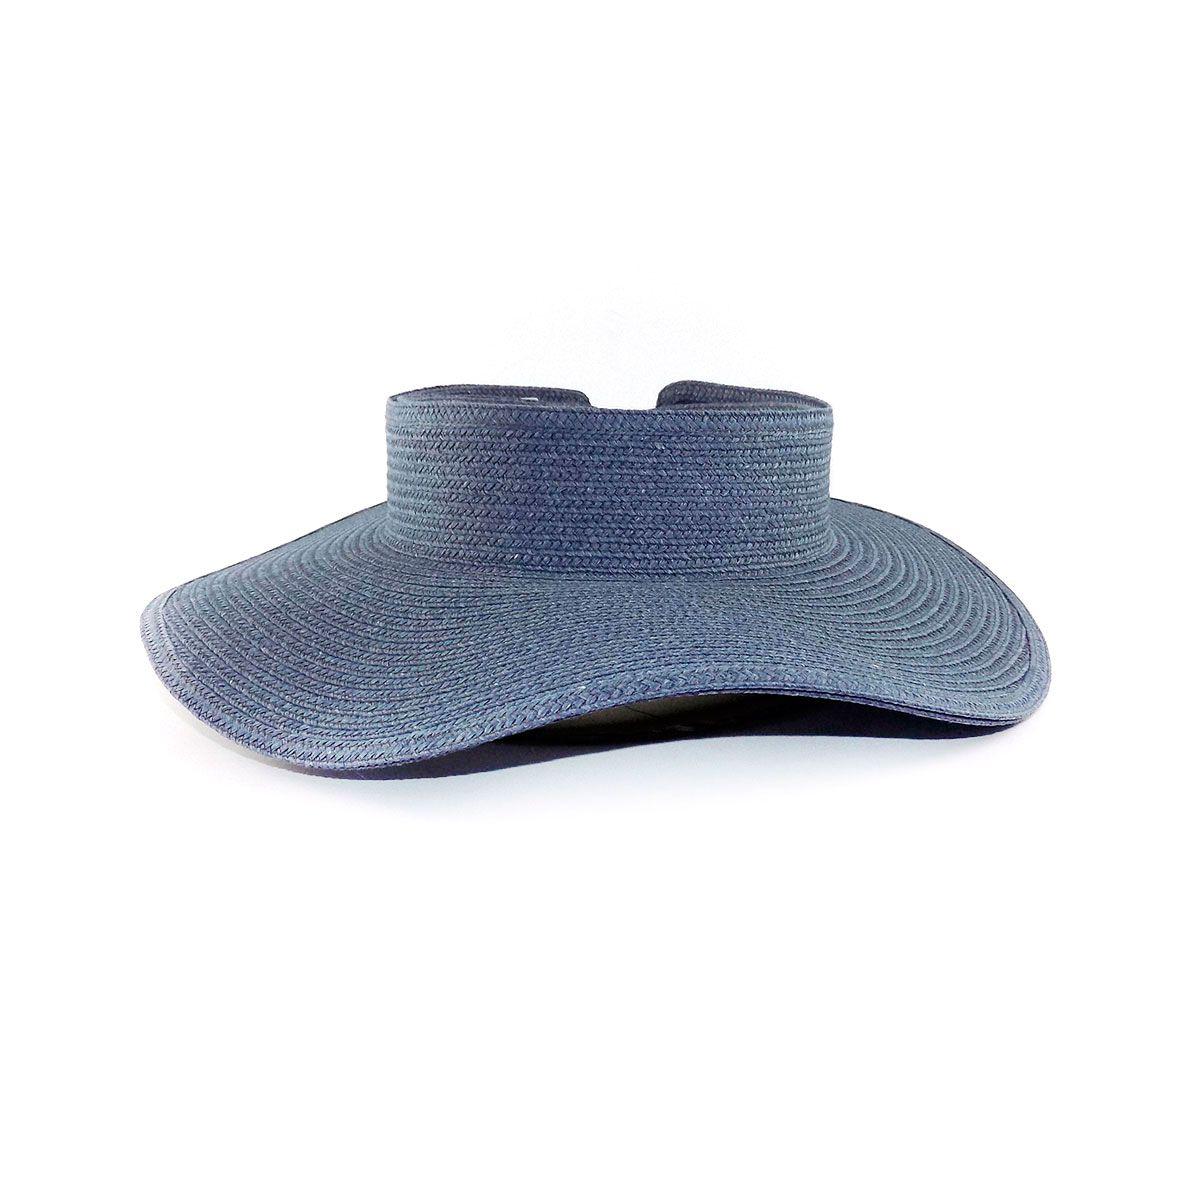 Viseira com proteção UV - FPU+50 - Jeans